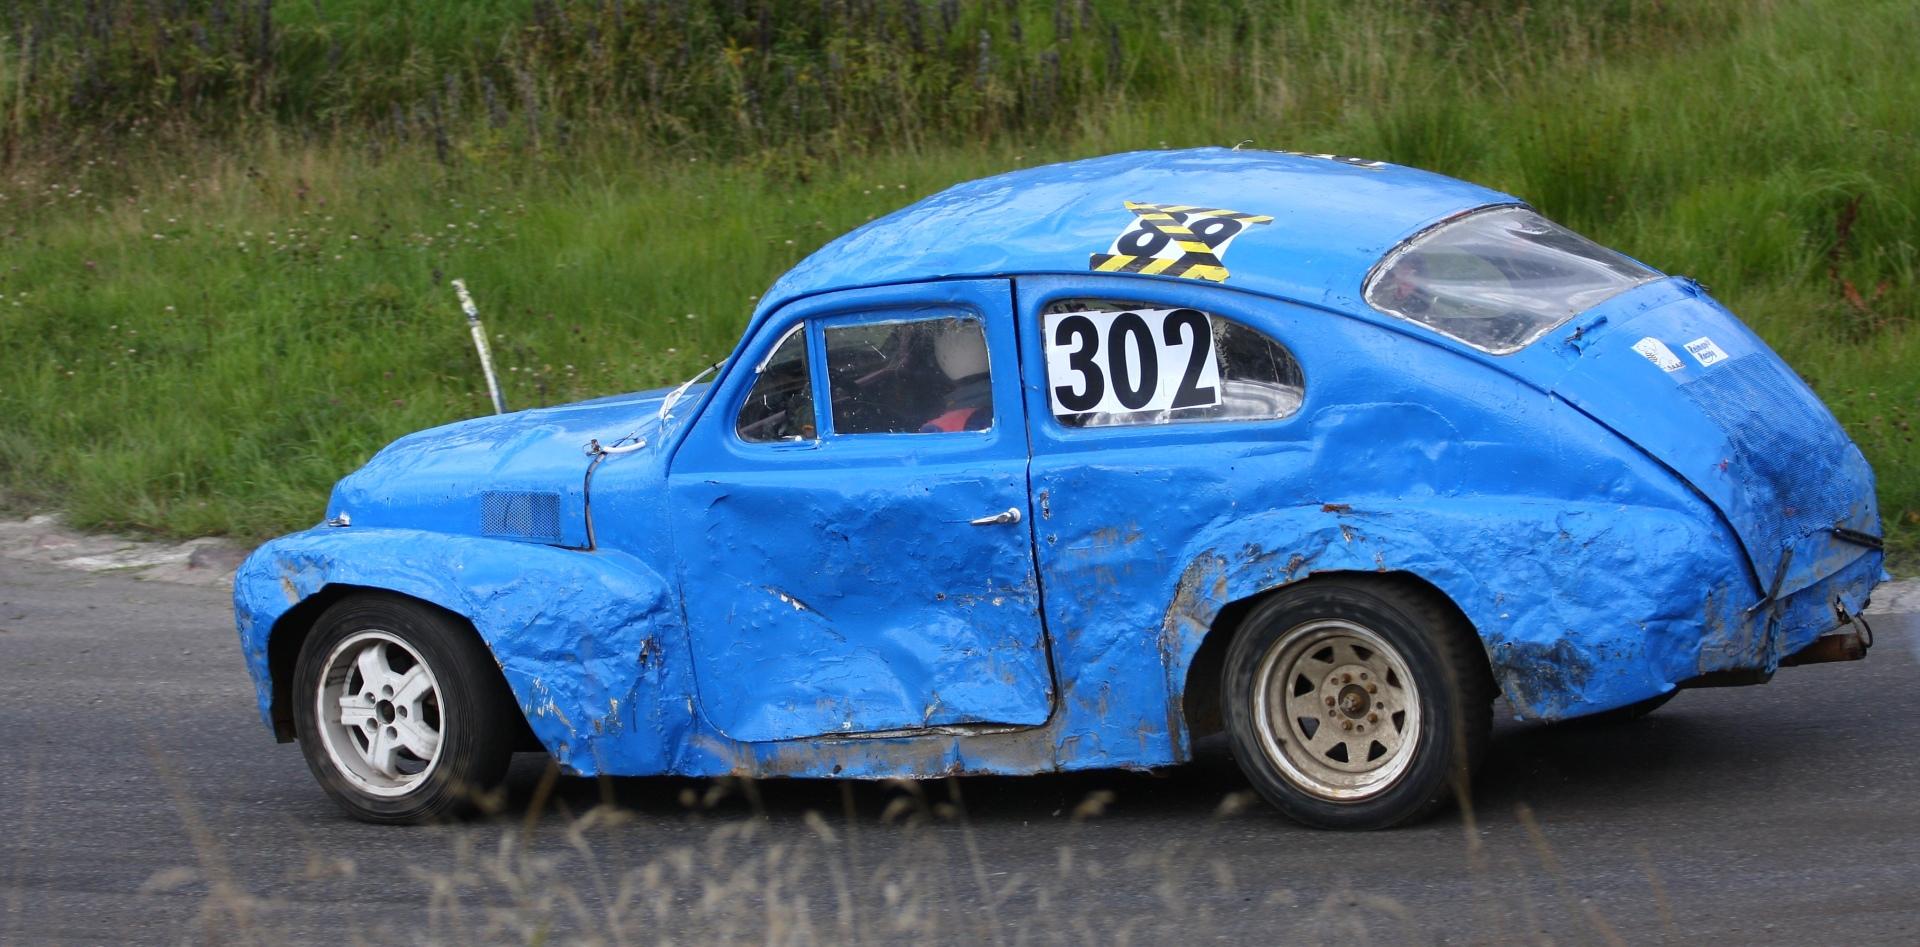 File Folkrace Volvo Pv Car 302 4957361308 Jpg